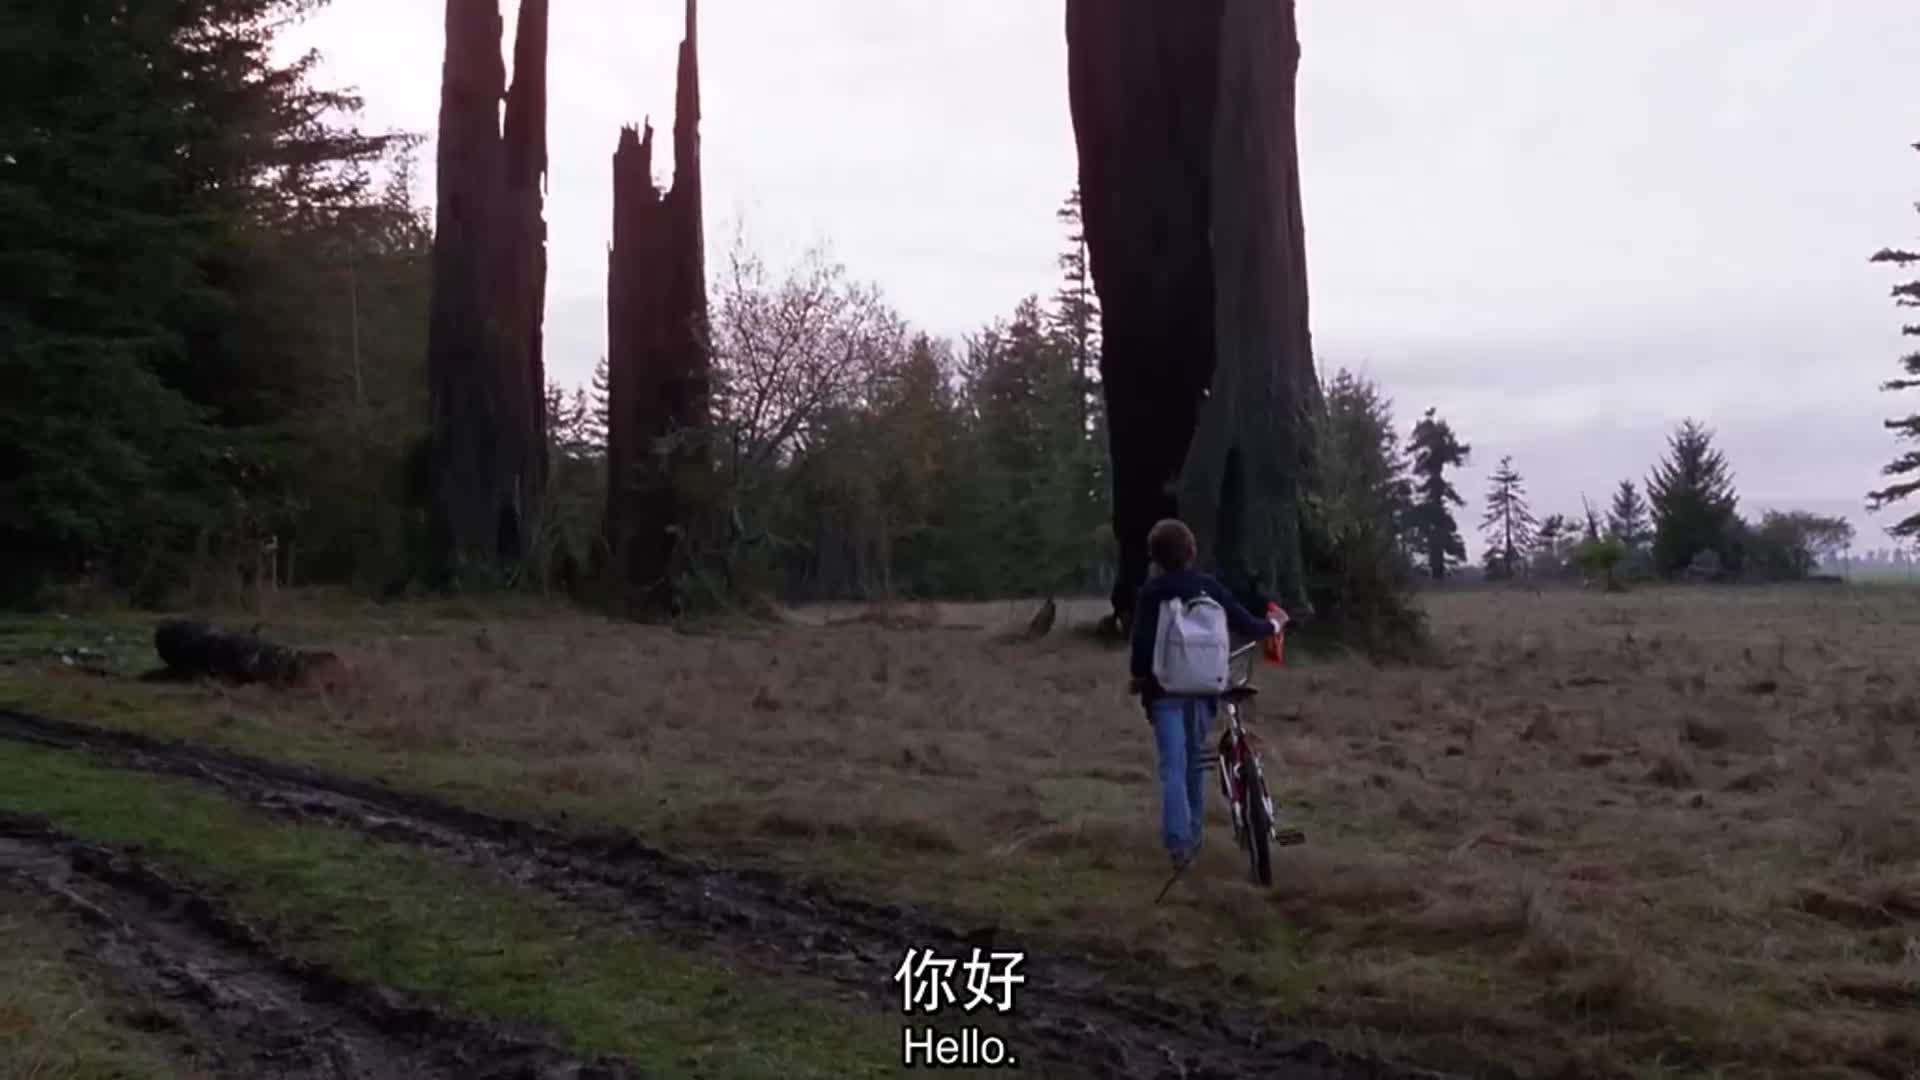 外星人看见男孩吓坏了,一直大叫,跑进灌木丛逃命